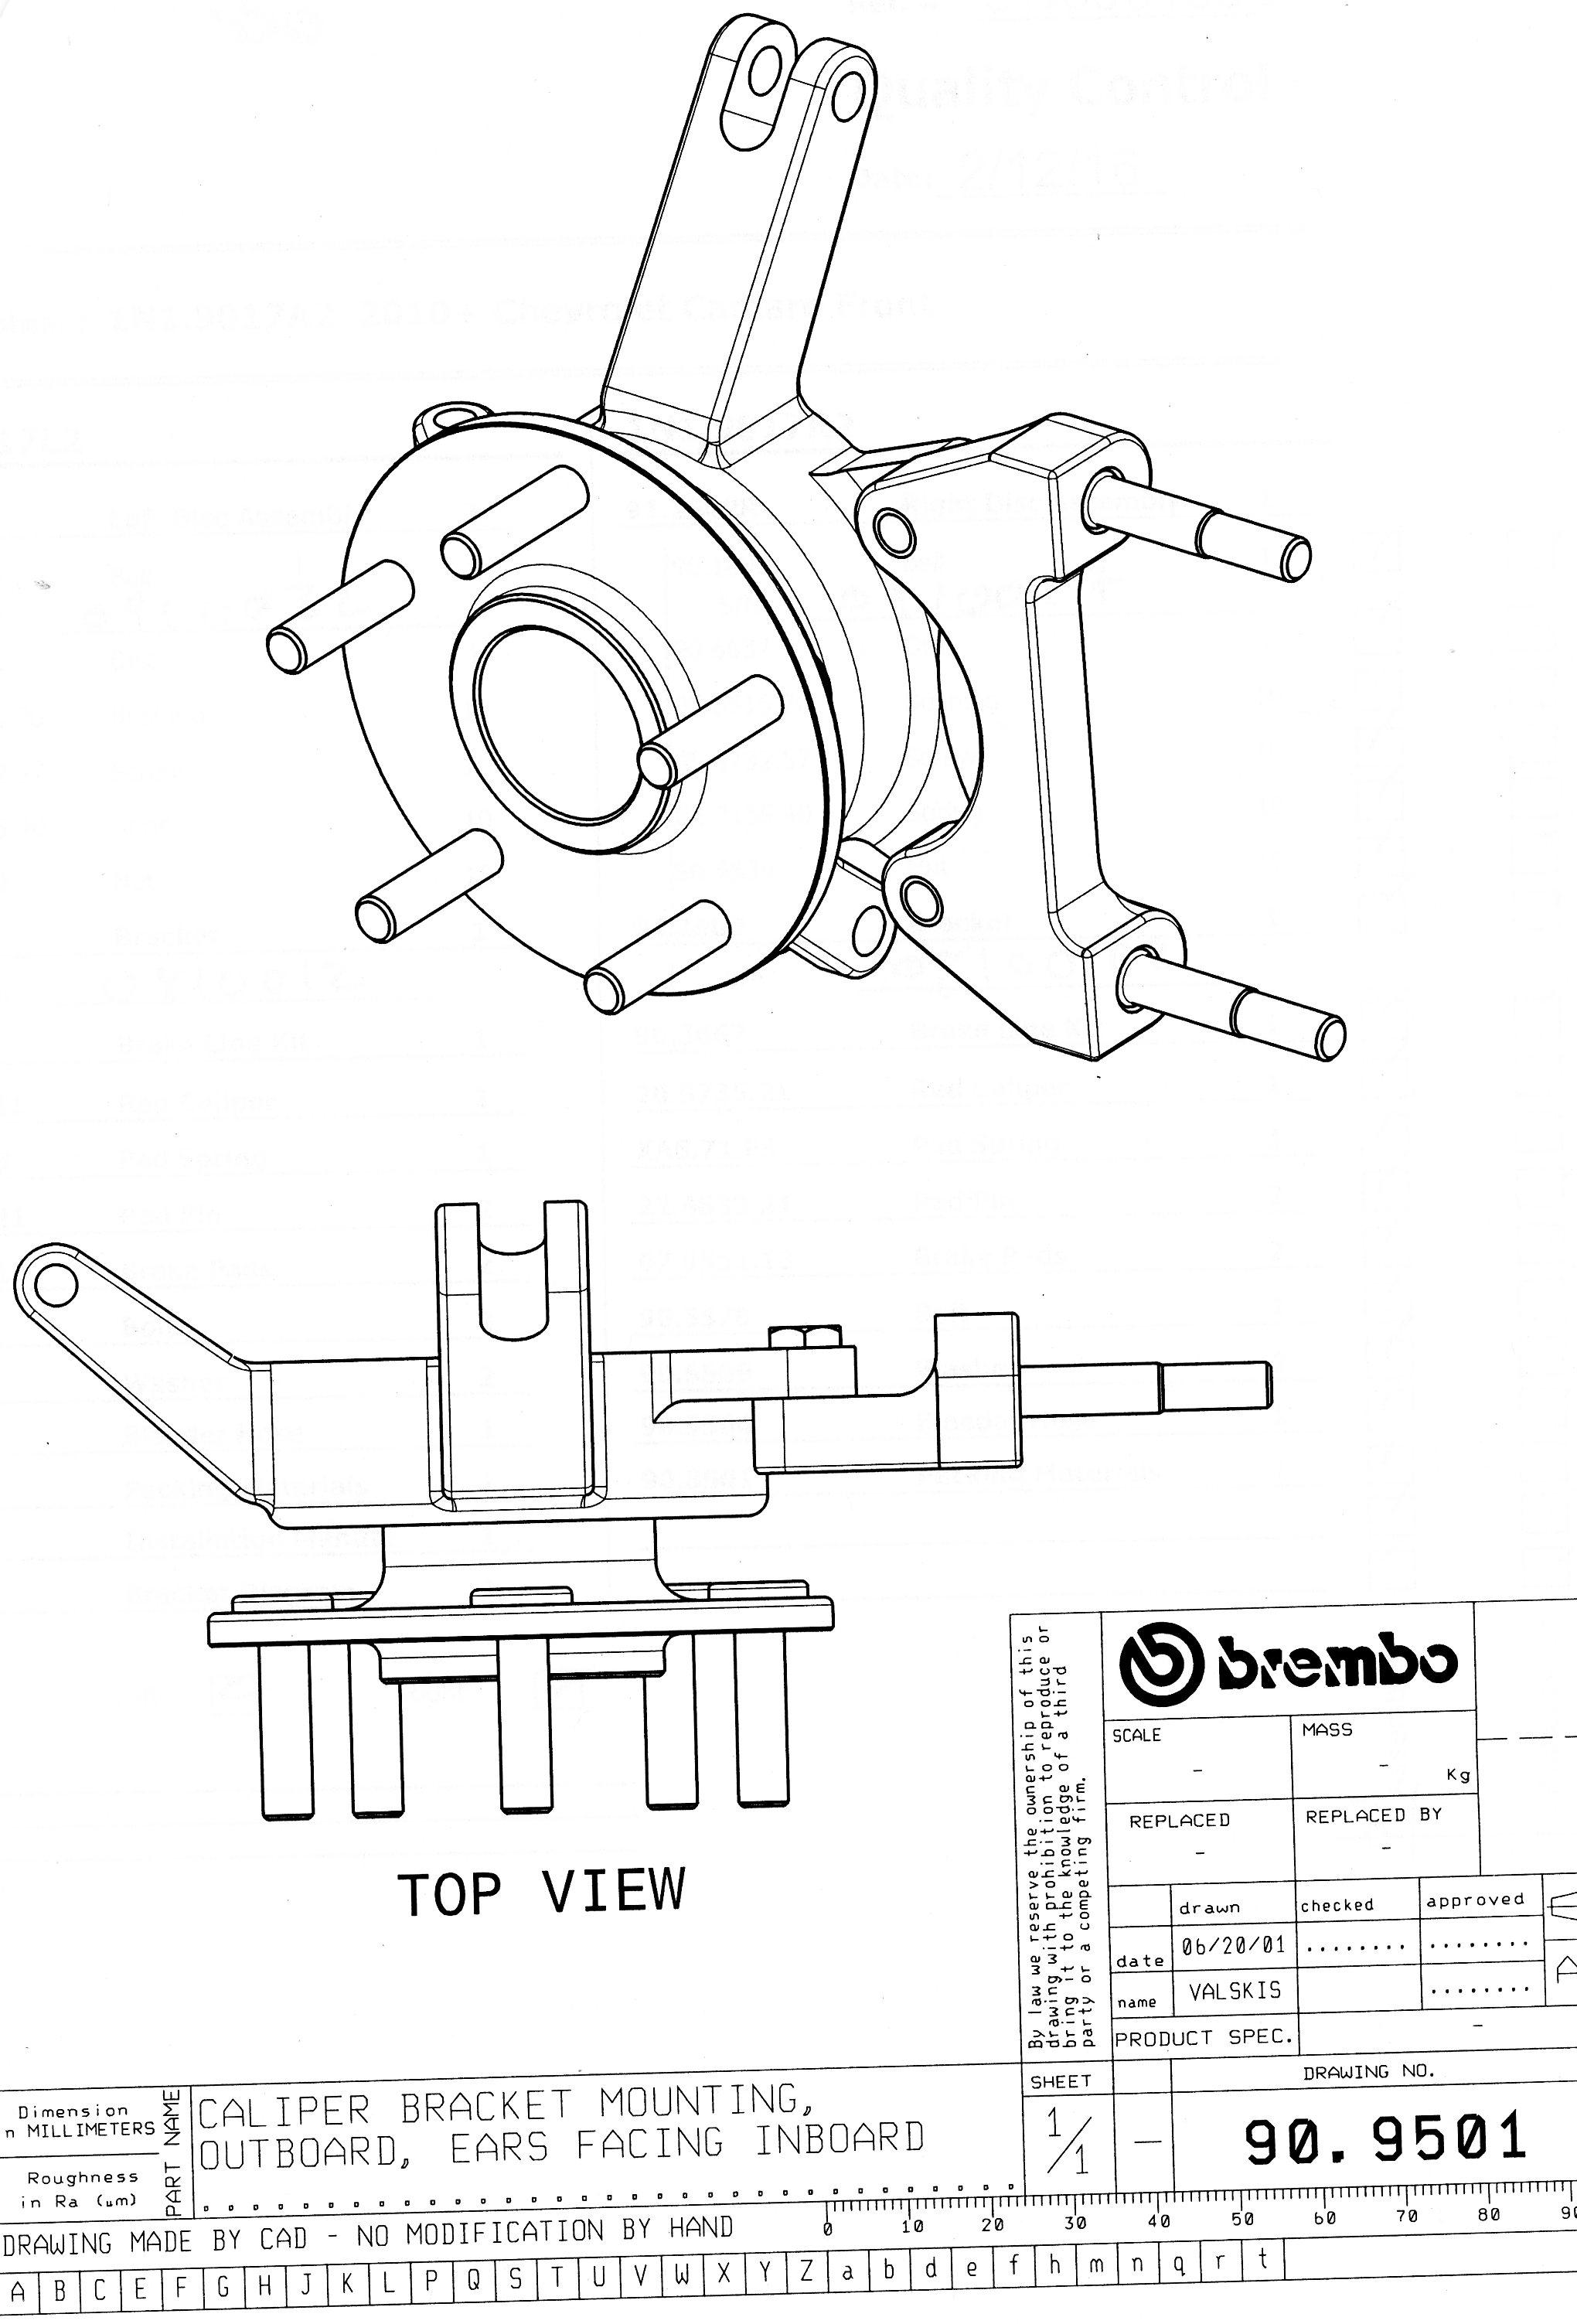 Brembo Diagram.jpg